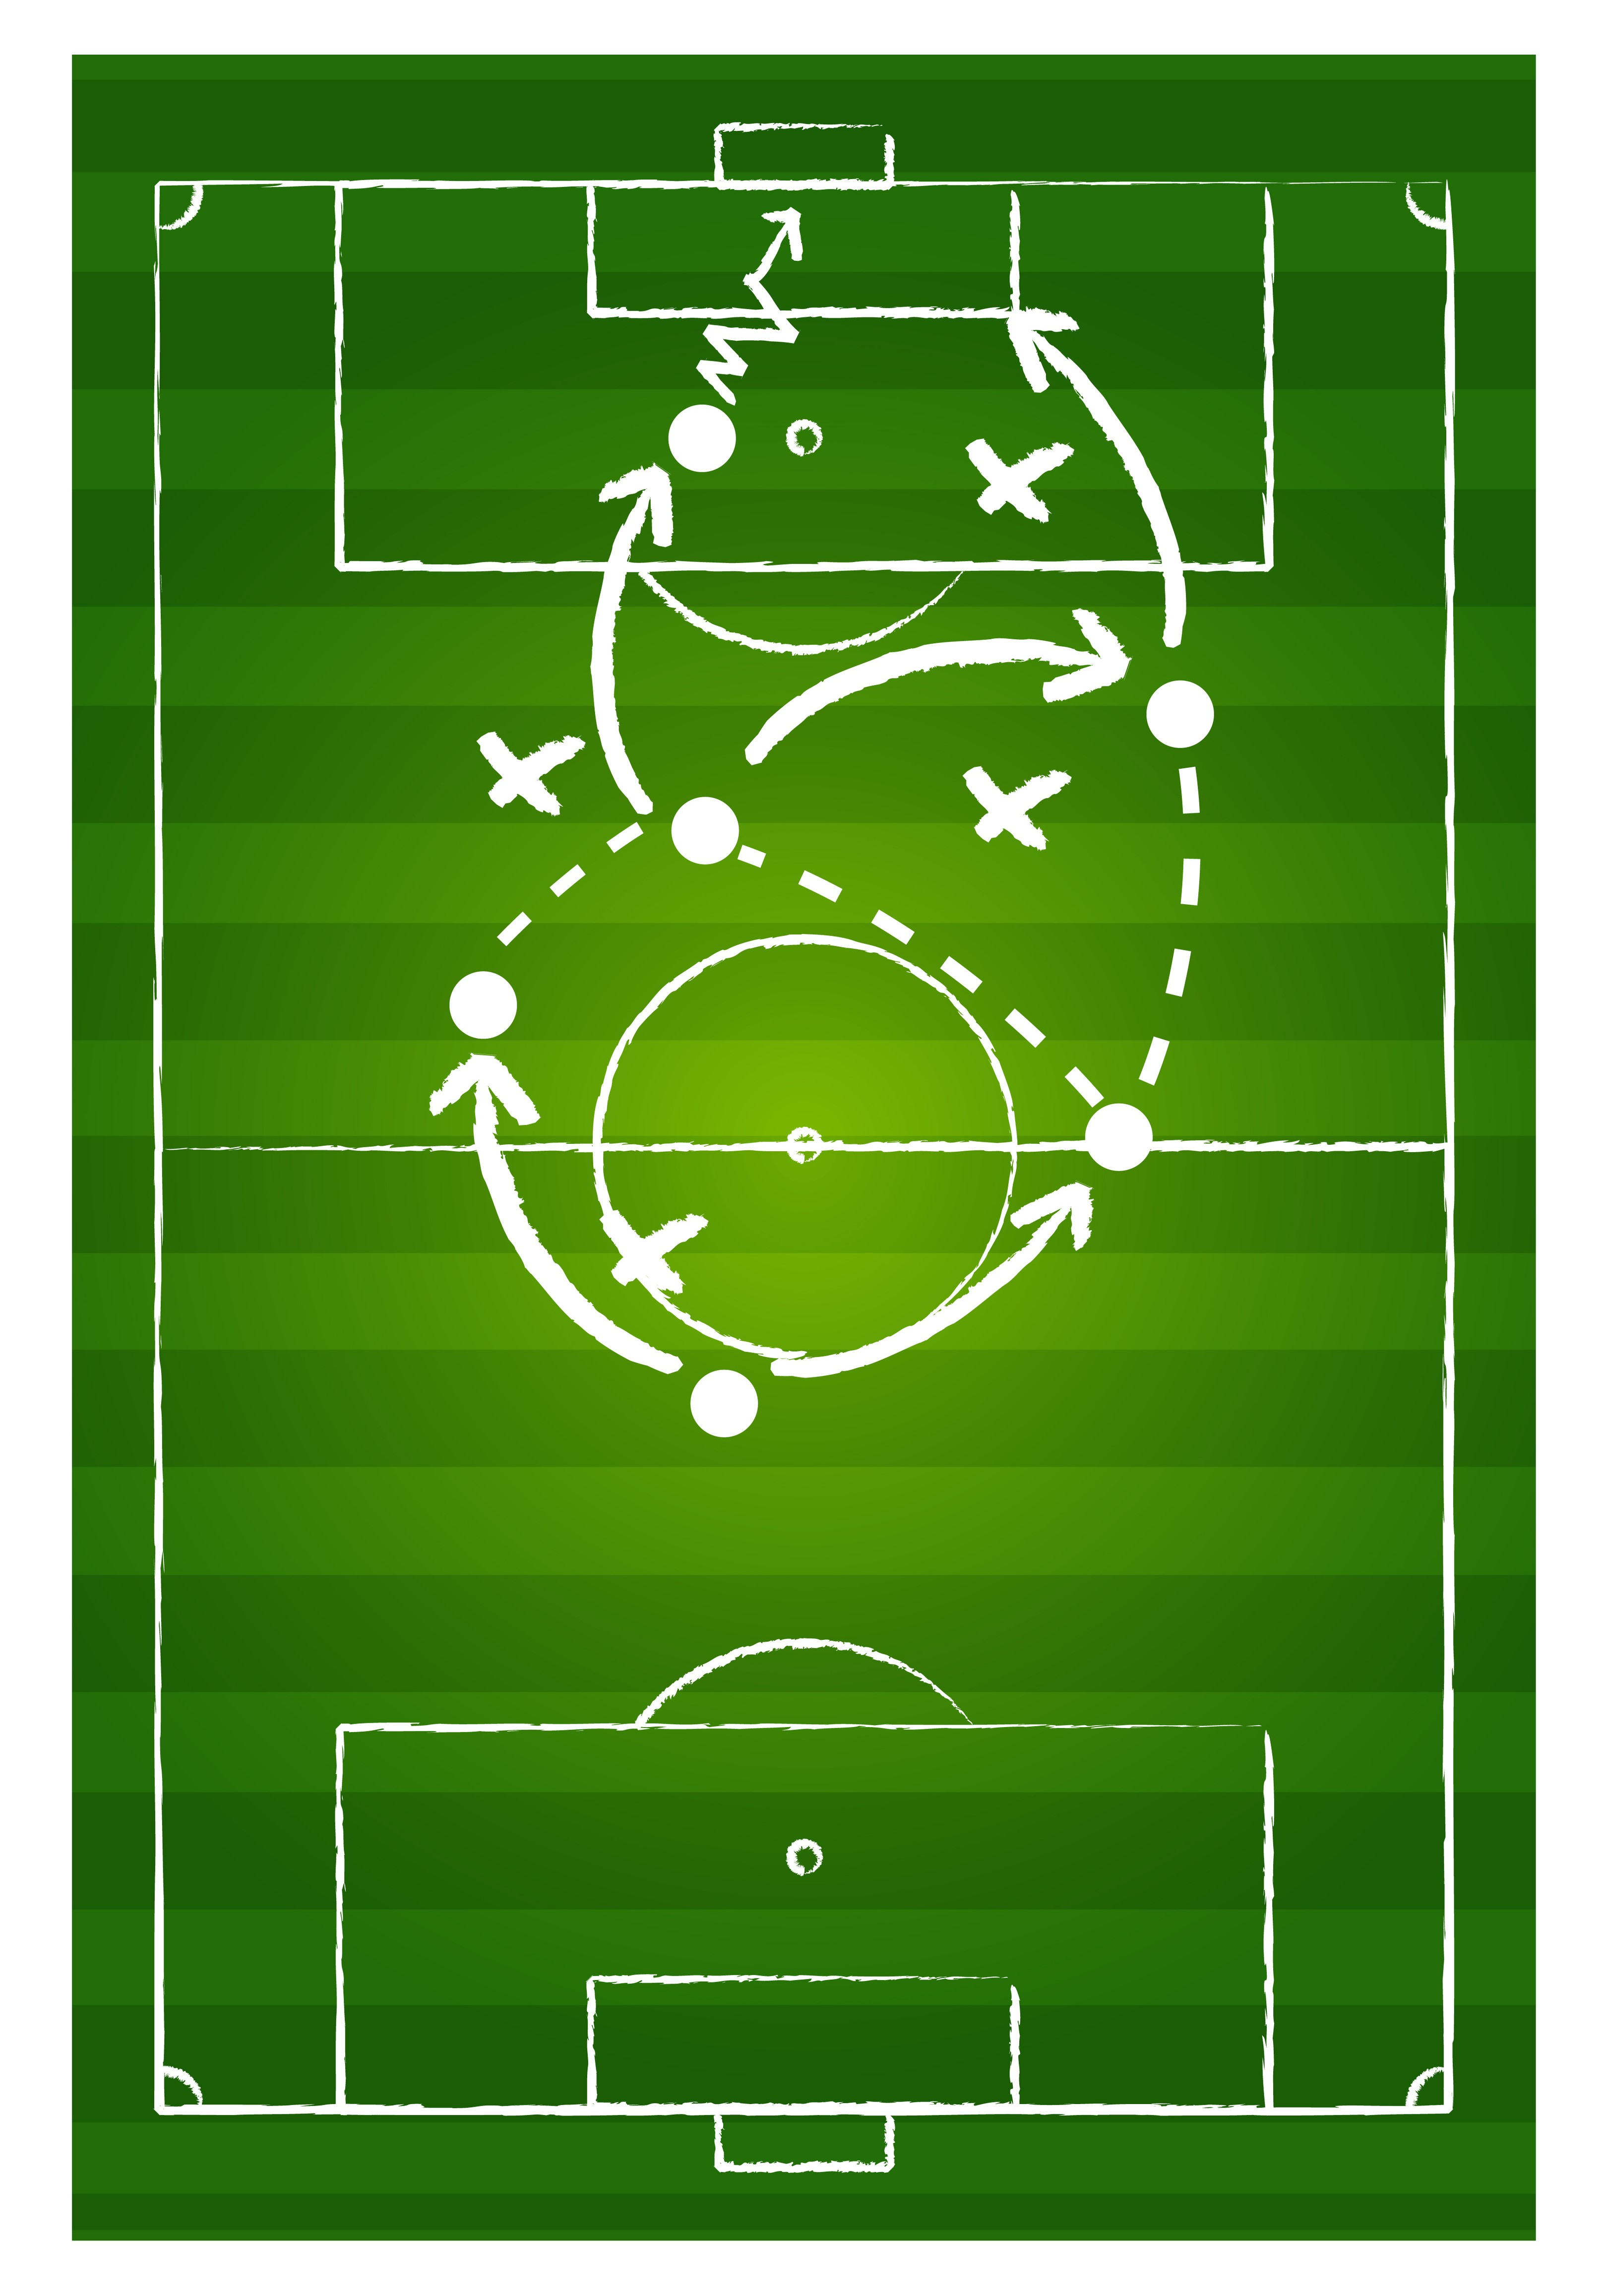 strategie fußball